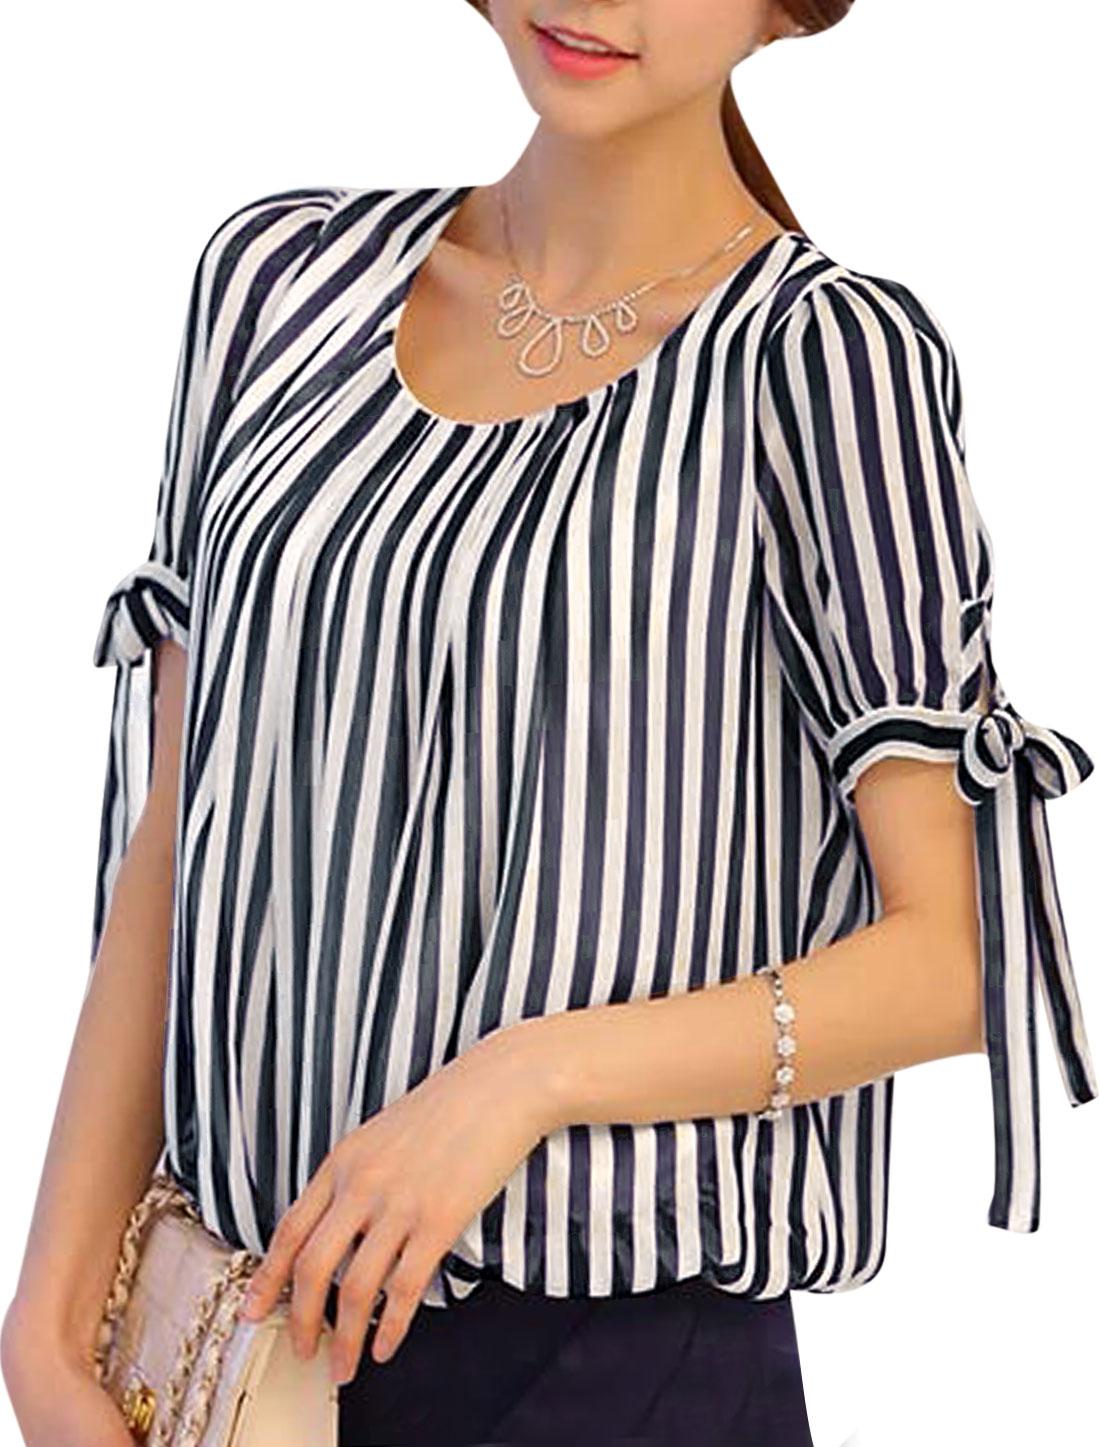 Women Vertical Stripes Pattern Self Tie Bowknot Chic Chiffon Blouse Black White XS